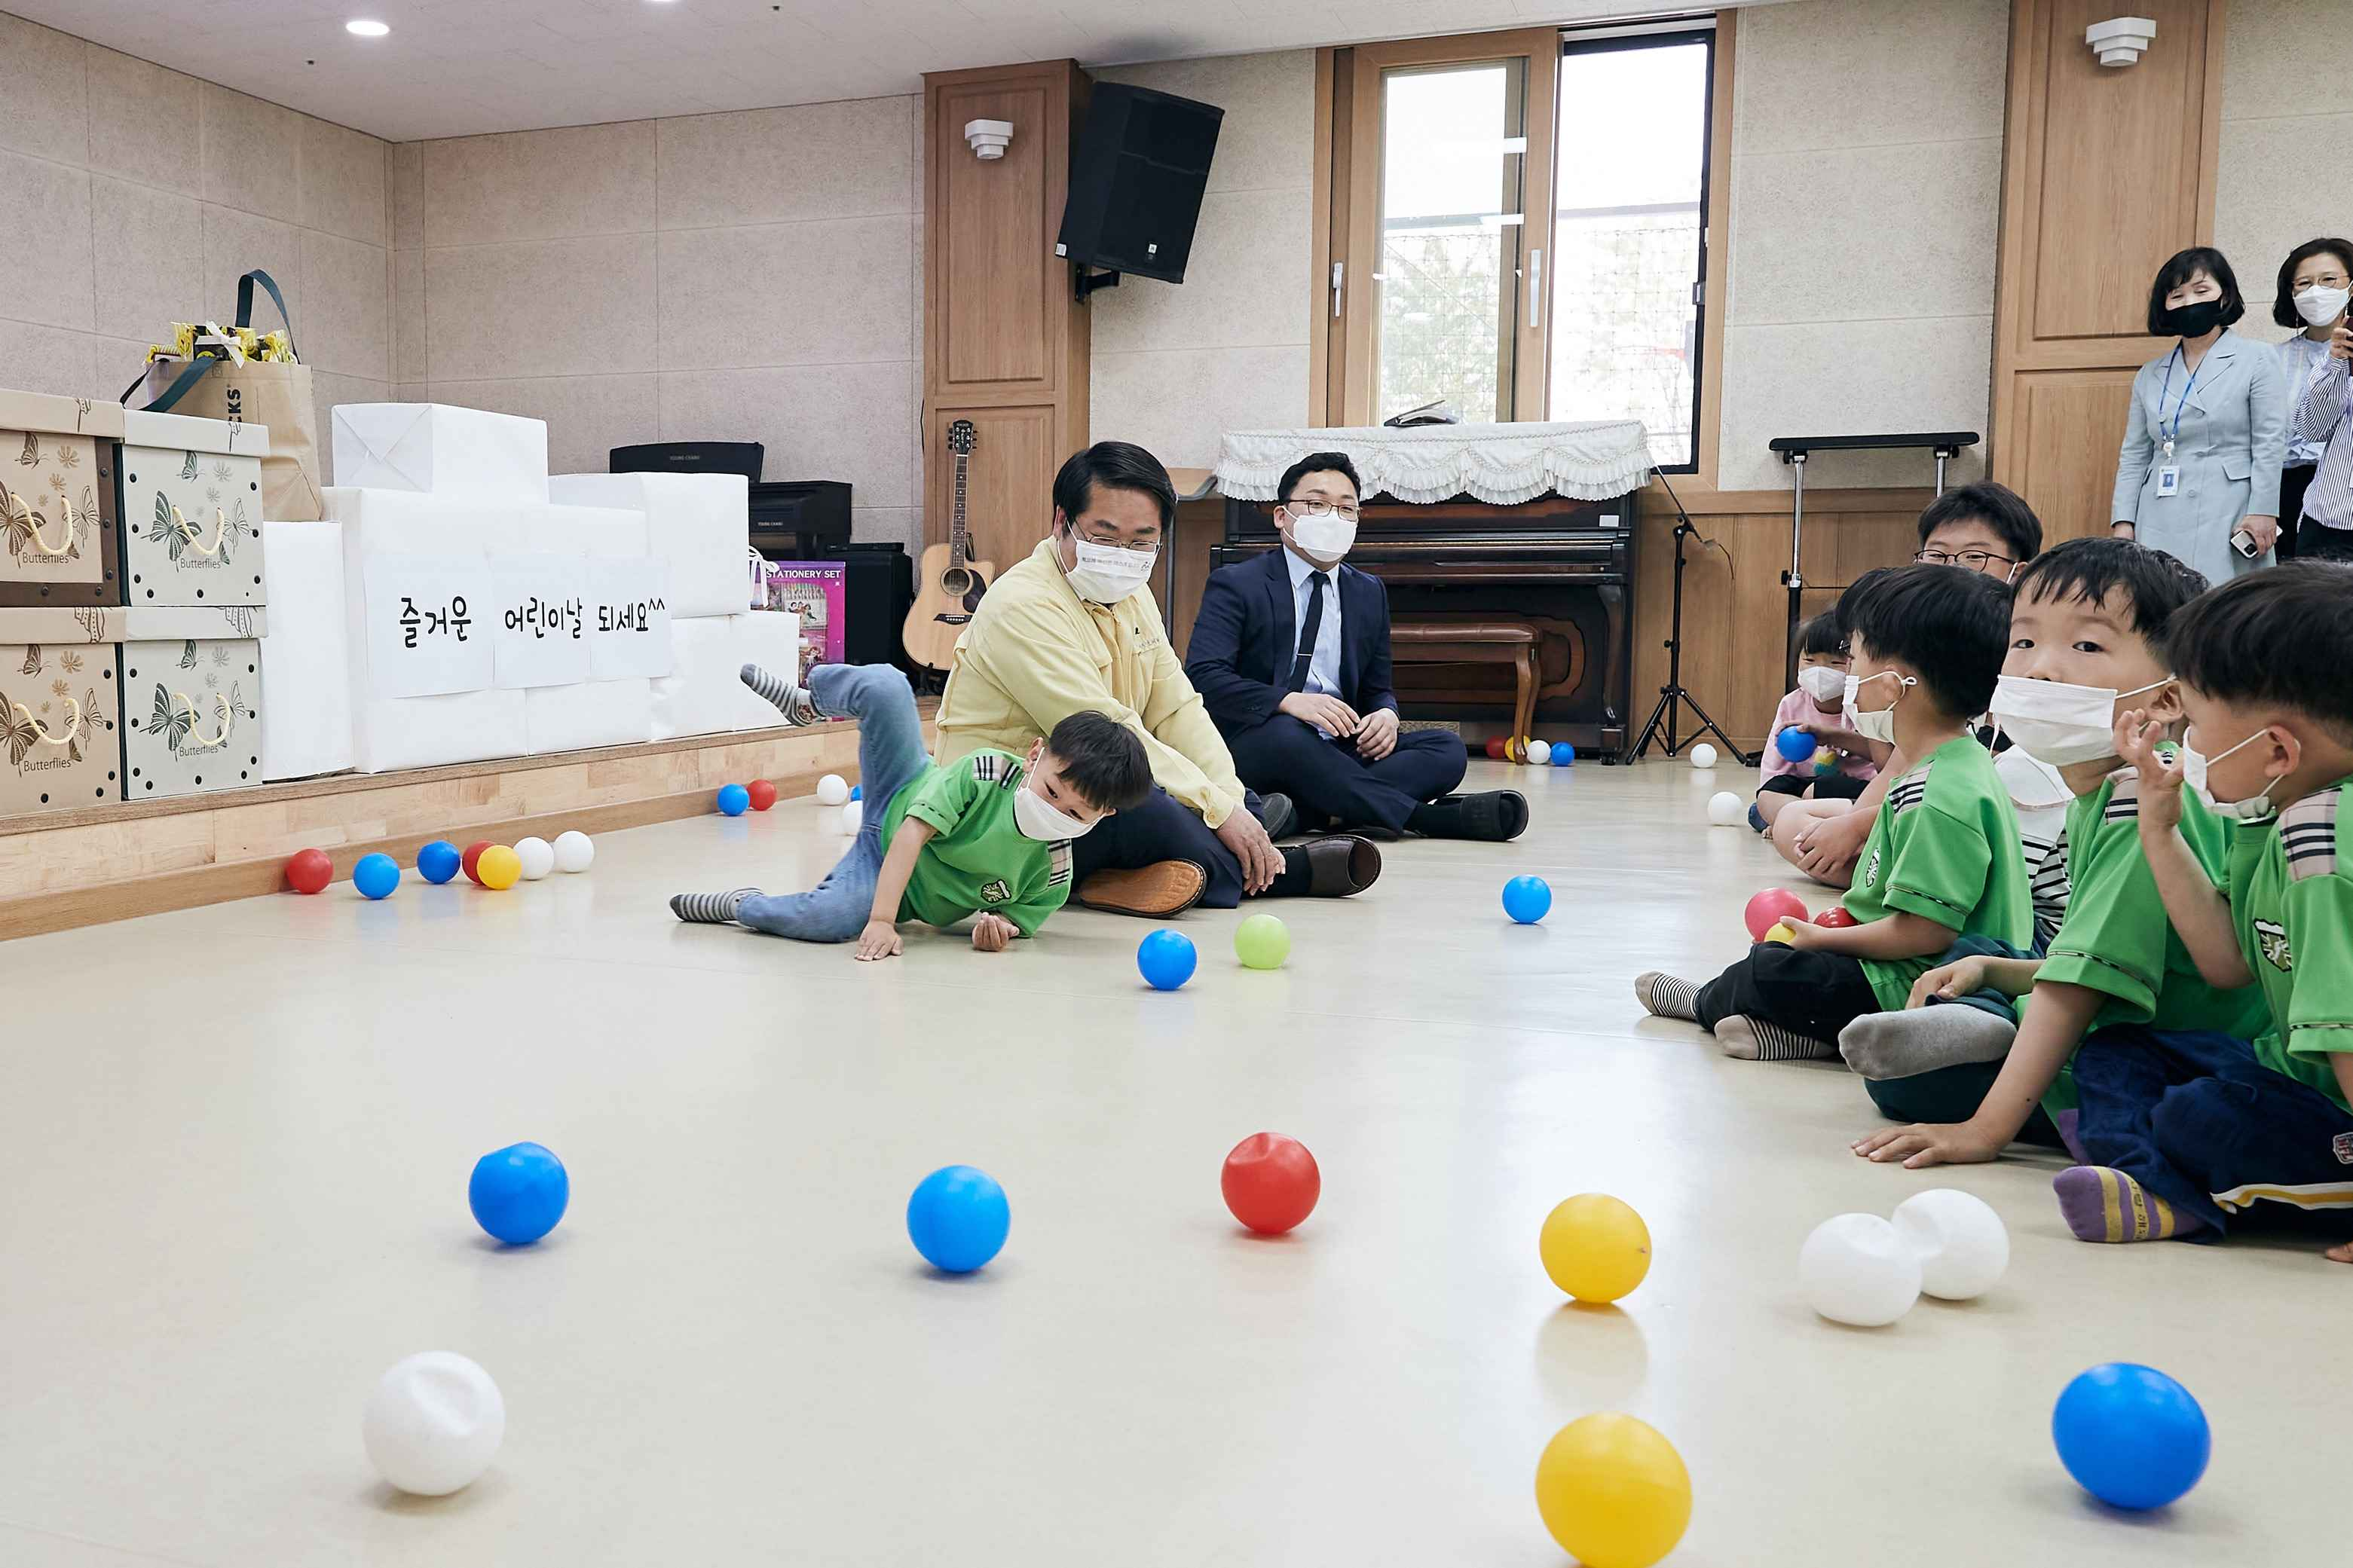 2021.05.03.제99회 어린이 날 맞이 아동복지시설 방문